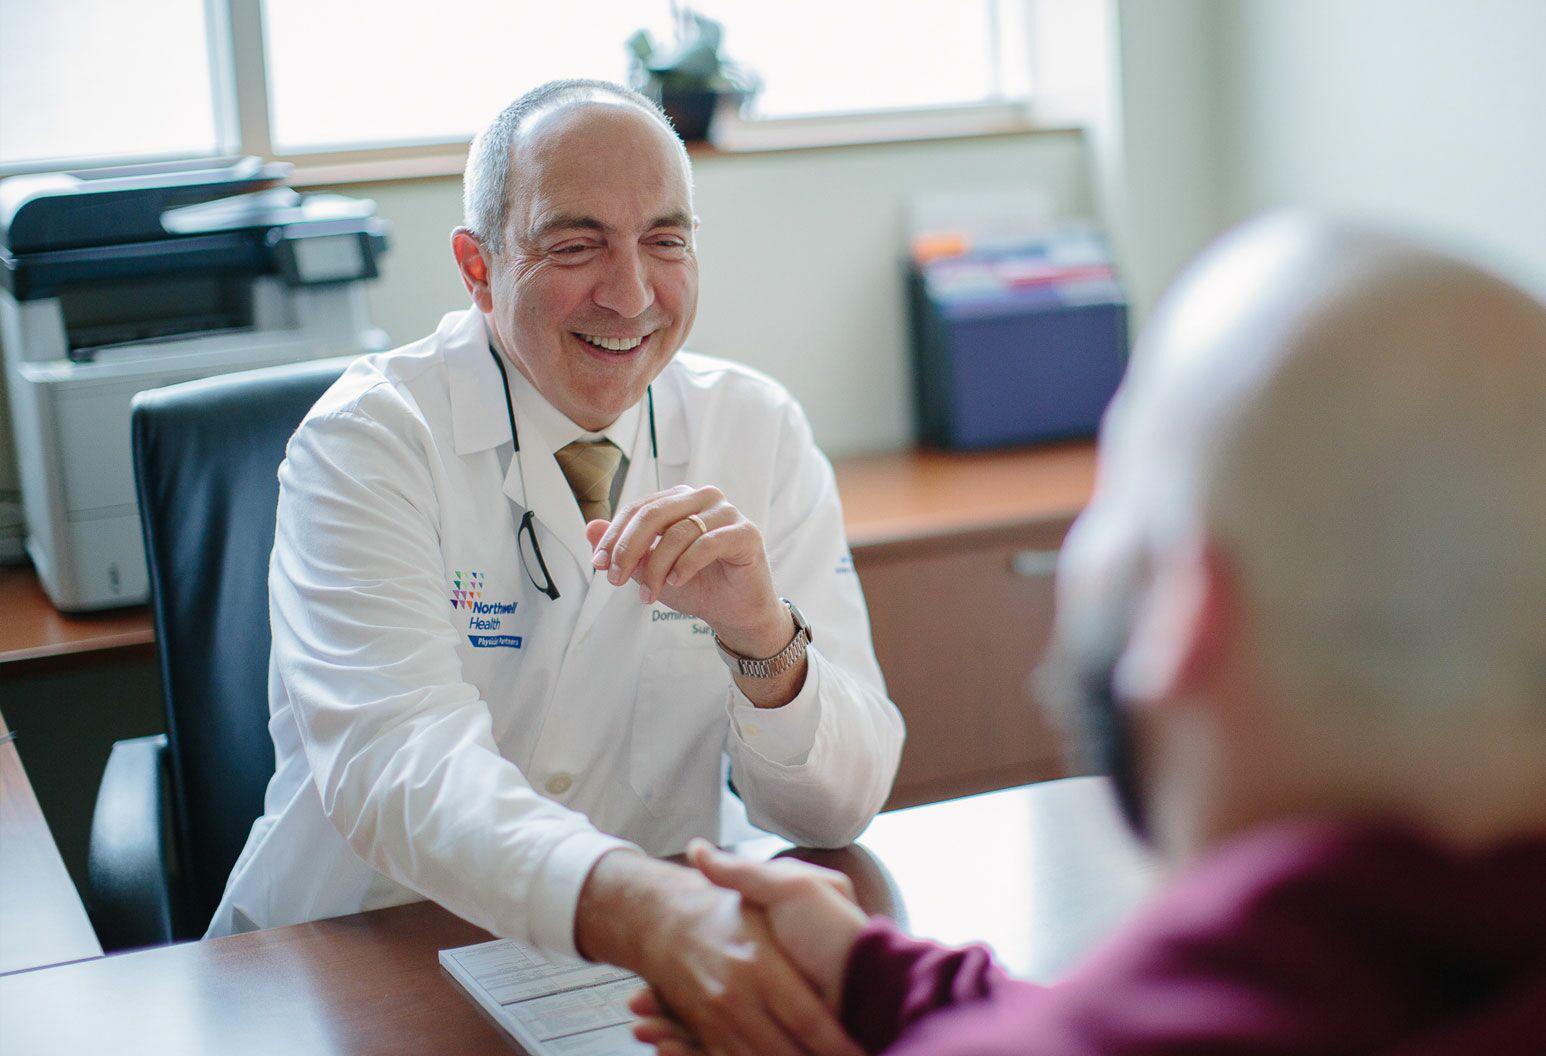 Doctor shaking patients hand across desk